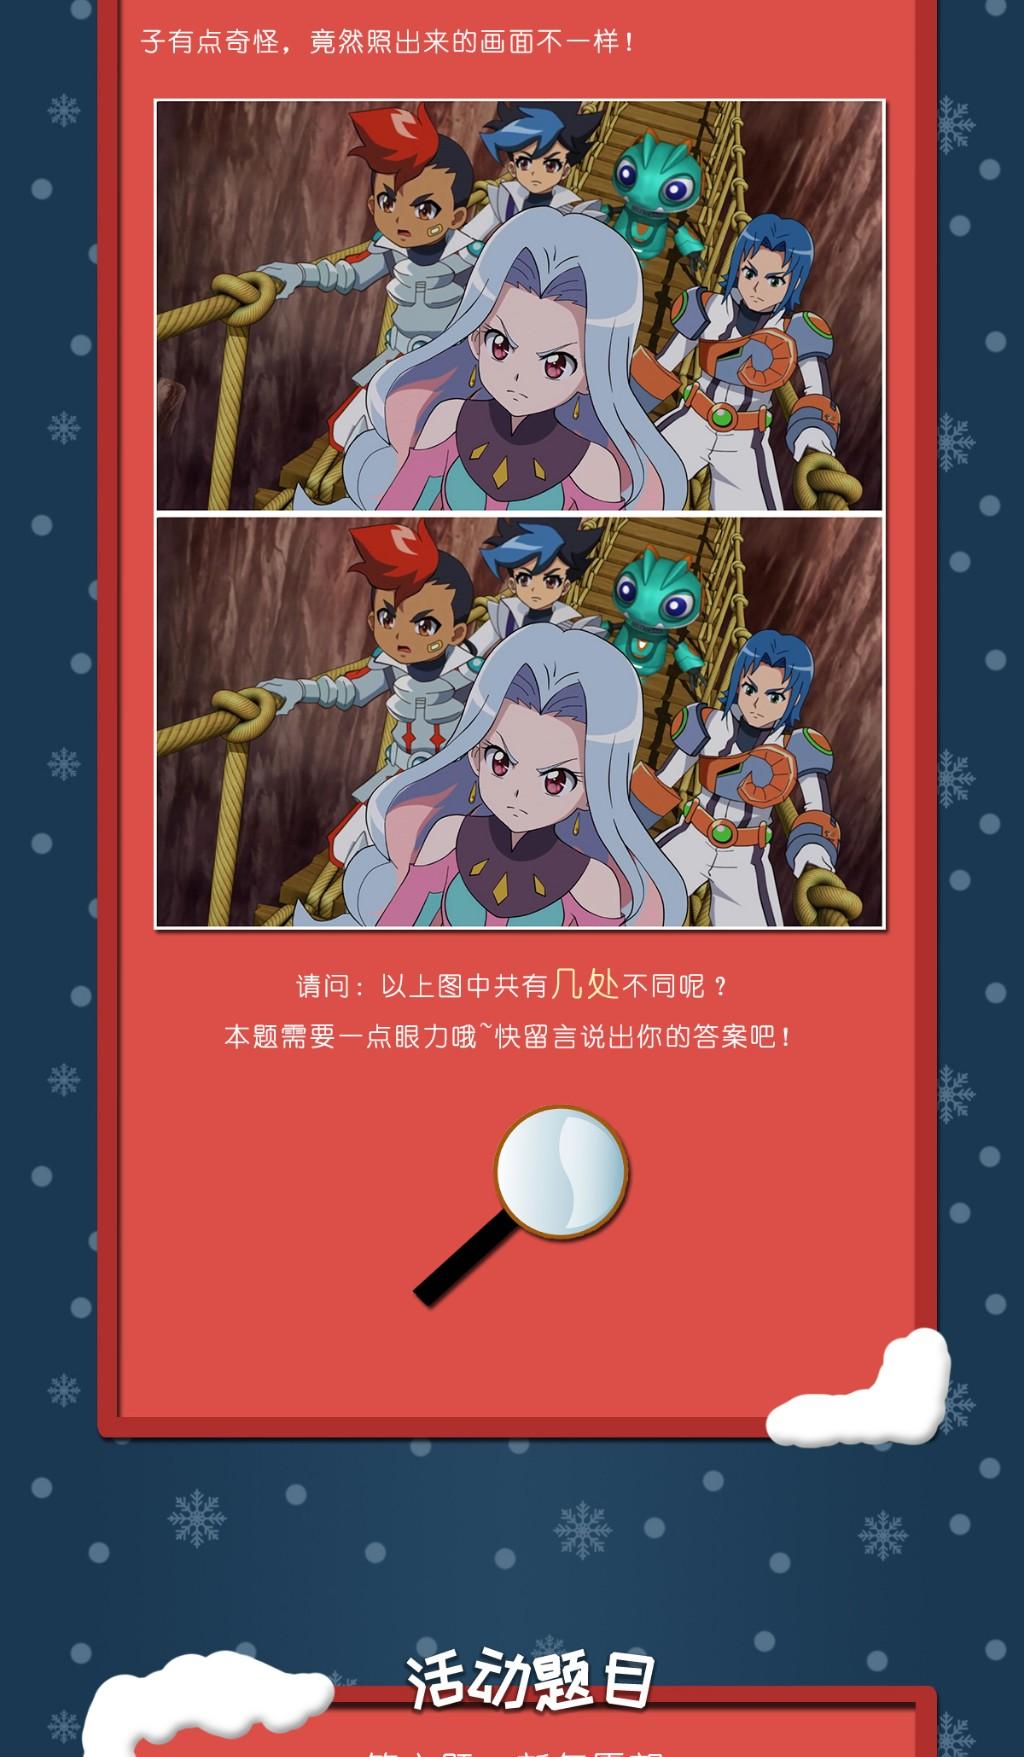 【狂欢大派送】爆裂大乱斗!赢取豪礼过暖冬!